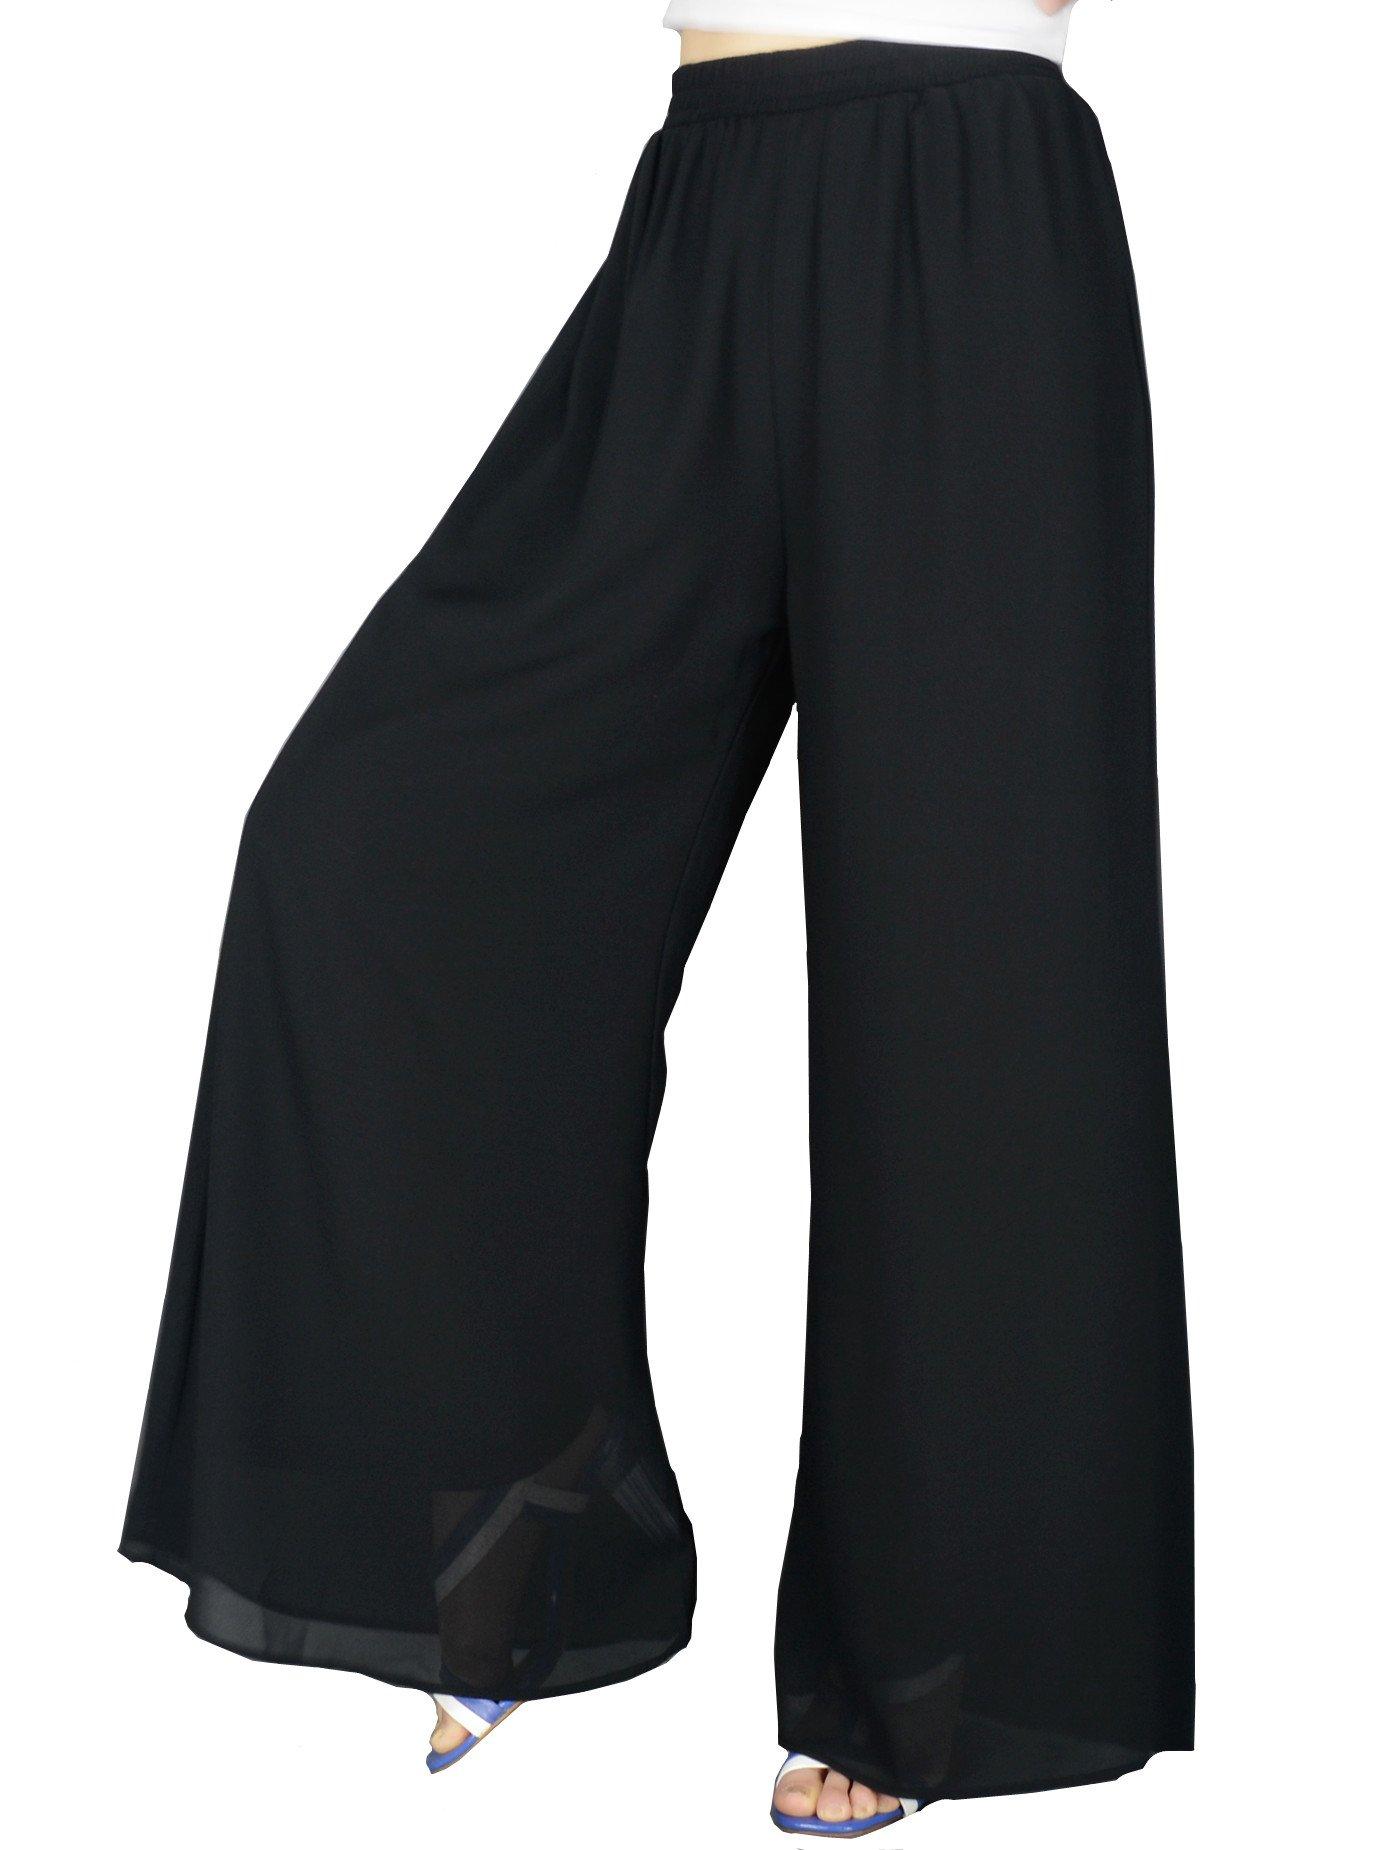 YSJERA Women's Chiffon Wide Leg Palazzo Pants Solid Gaucho Pants Culottes Trousers M,Black